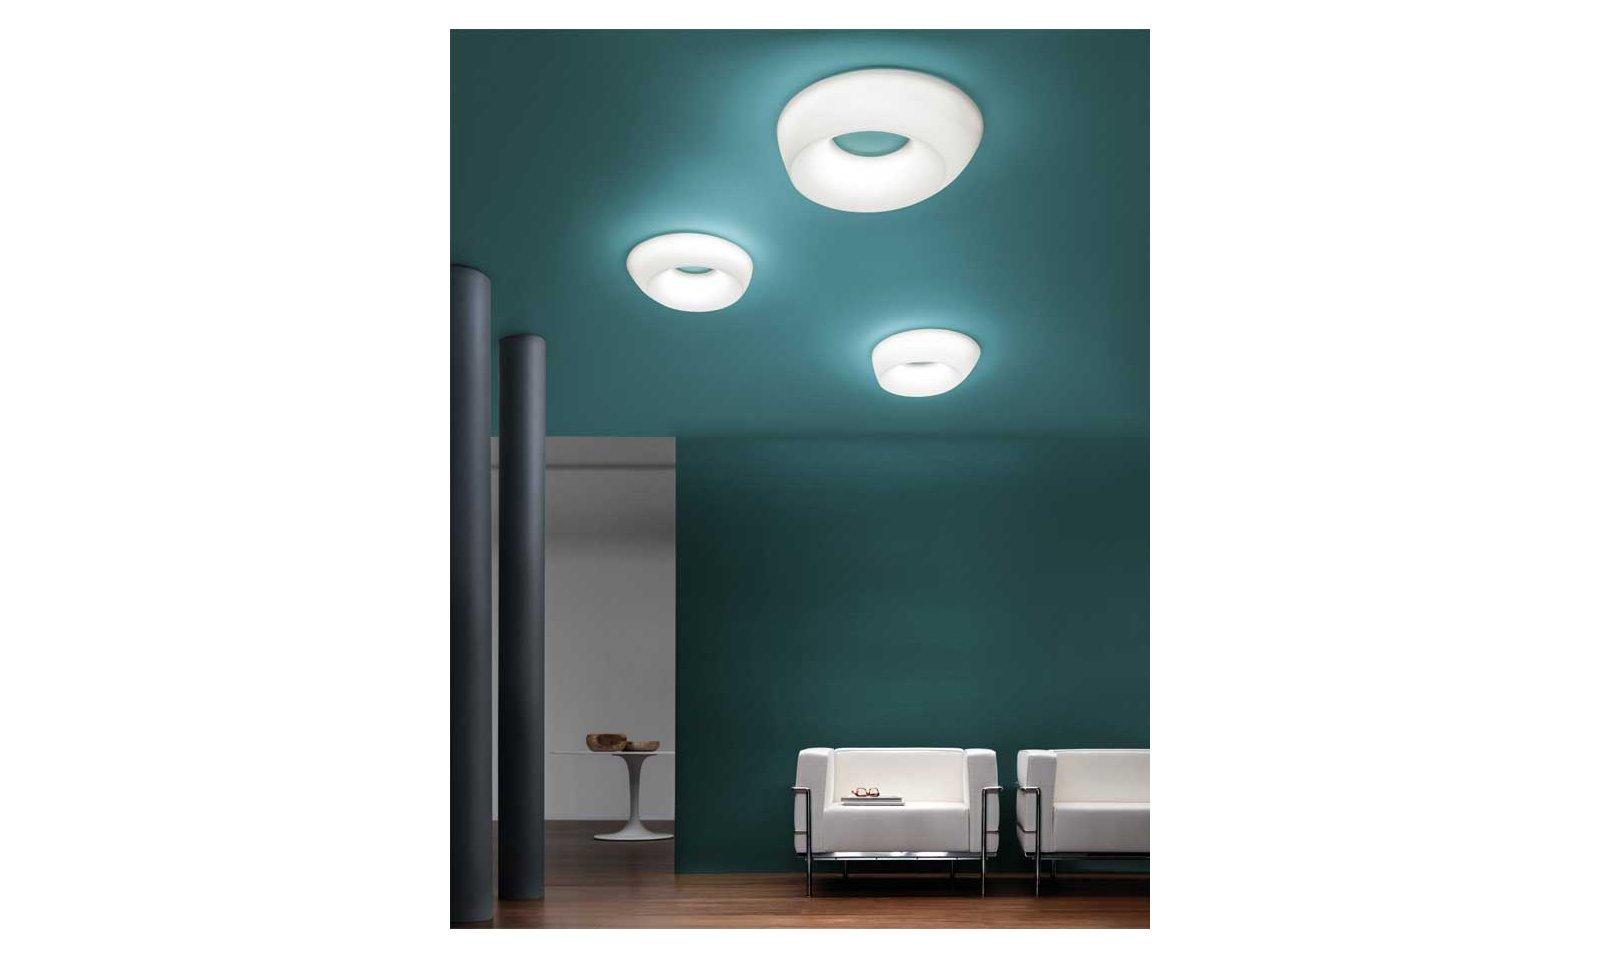 Plafoniere Rotonde Led : Ma de plafoniera applique oblix led lampada da soffitto o parete